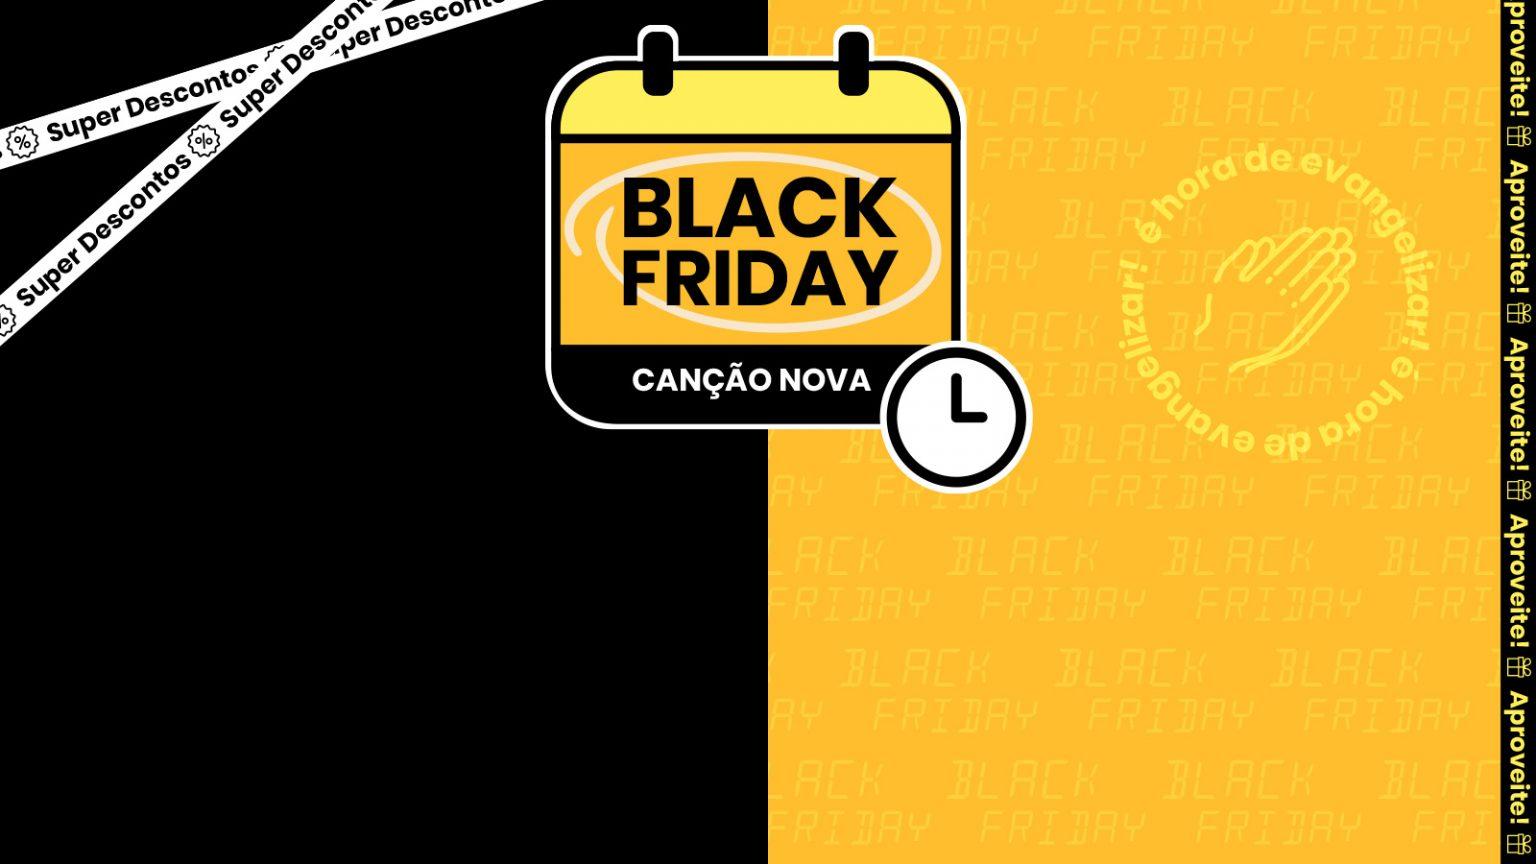 1600x1200_black-Friday-3-1536x864.jpg